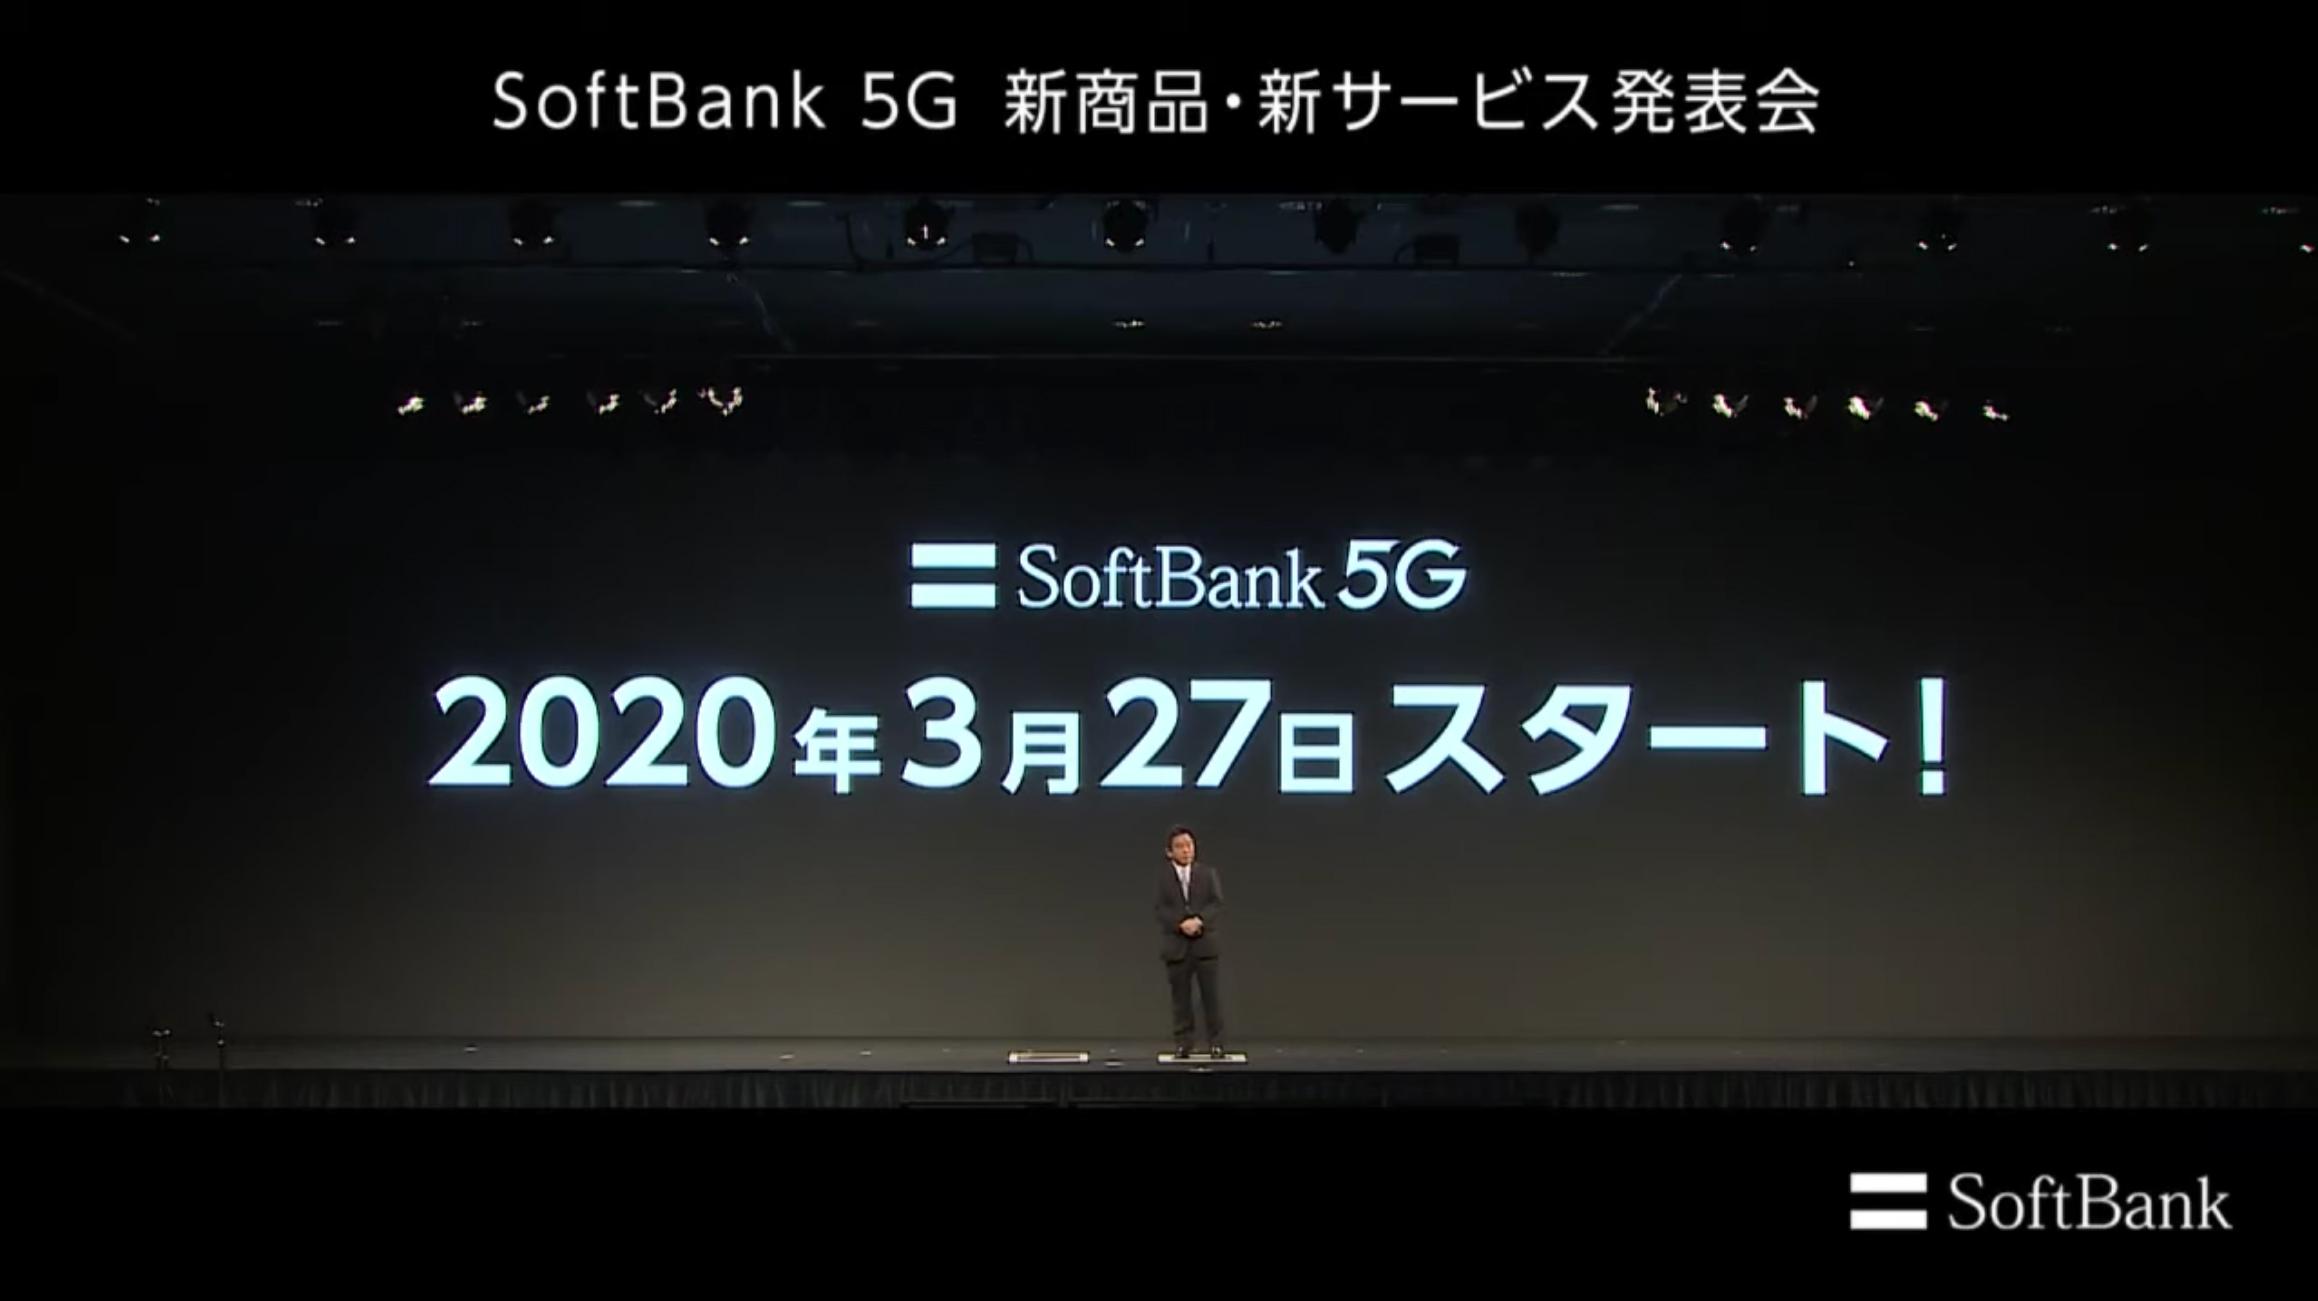 ソフトバンク5G発表会